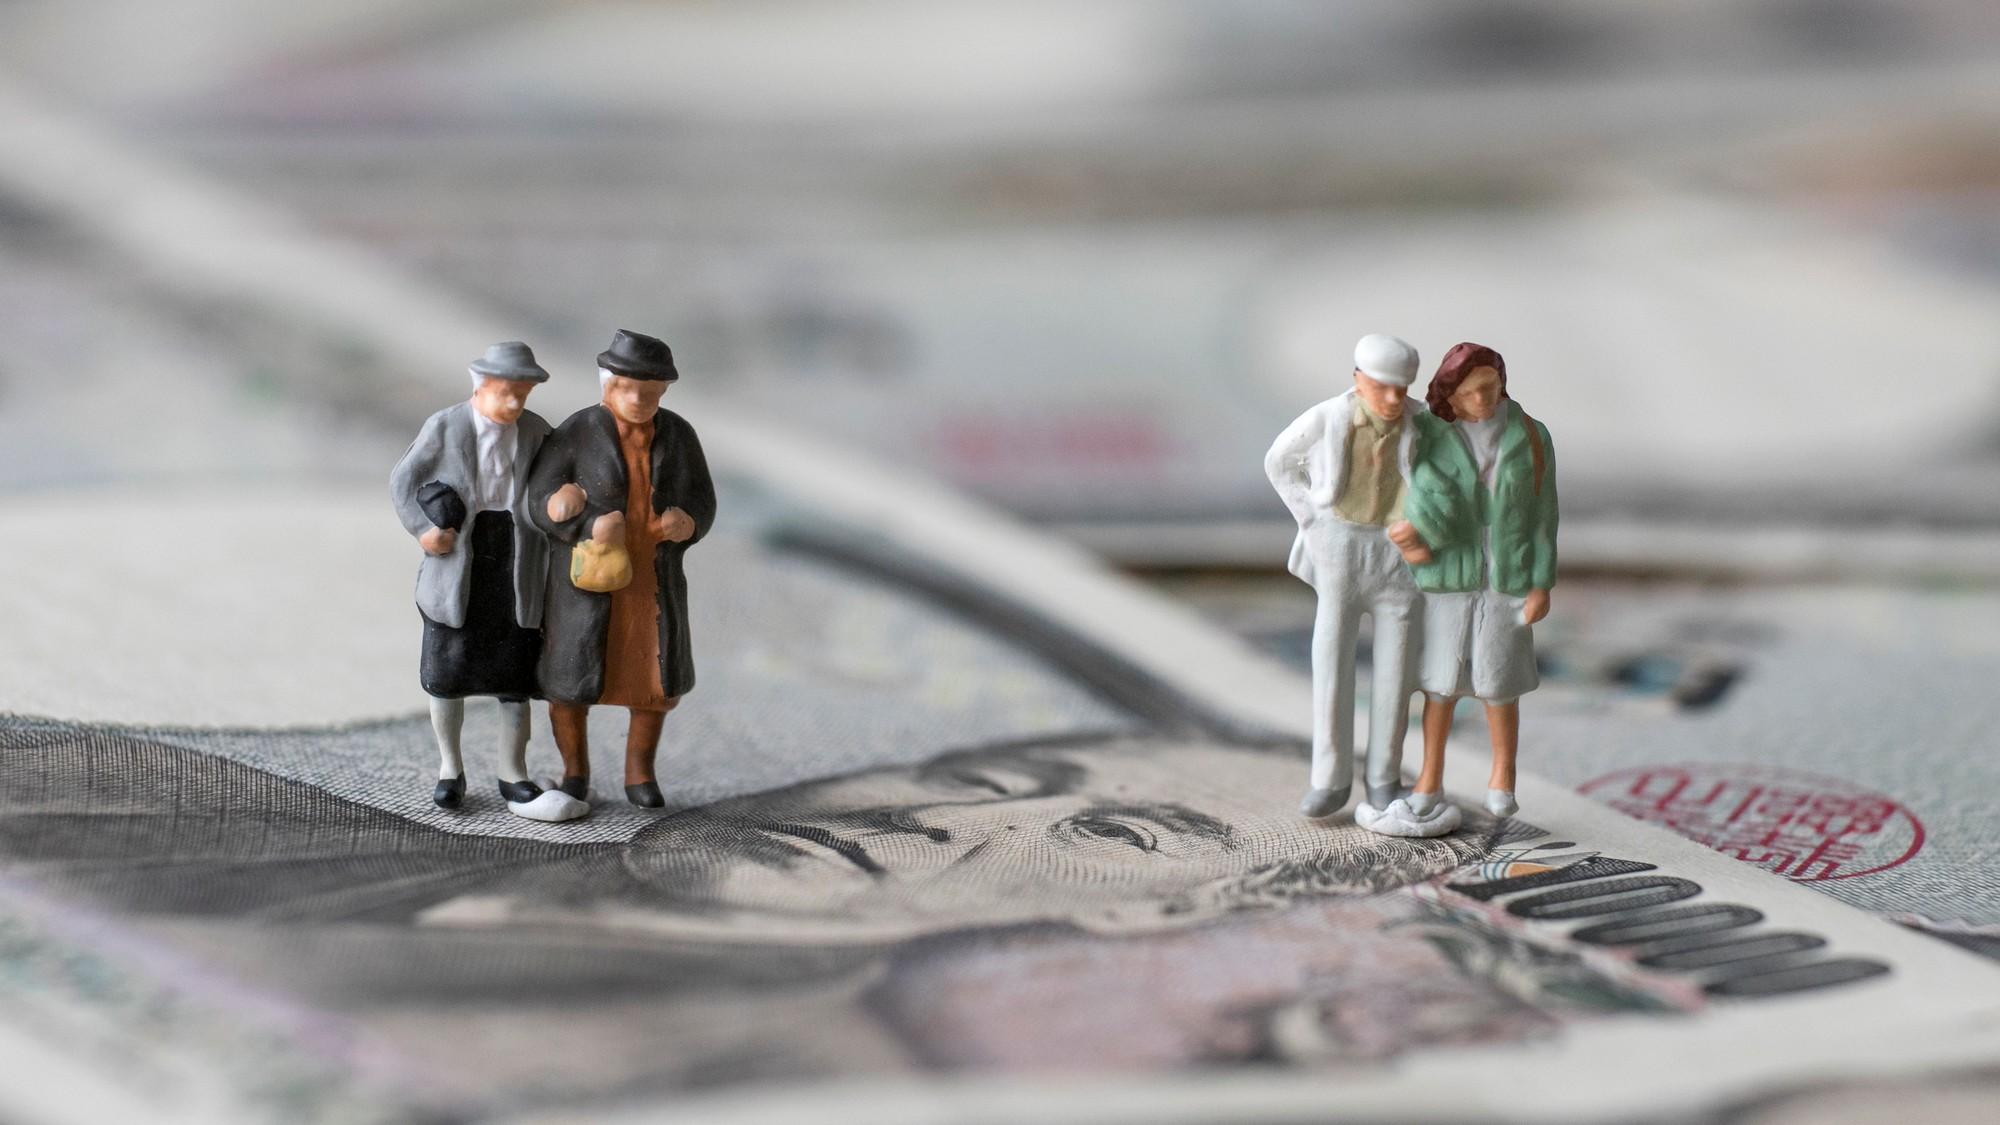 日本の借金…ネックとなる社会保障費に「寄付」という財源が?